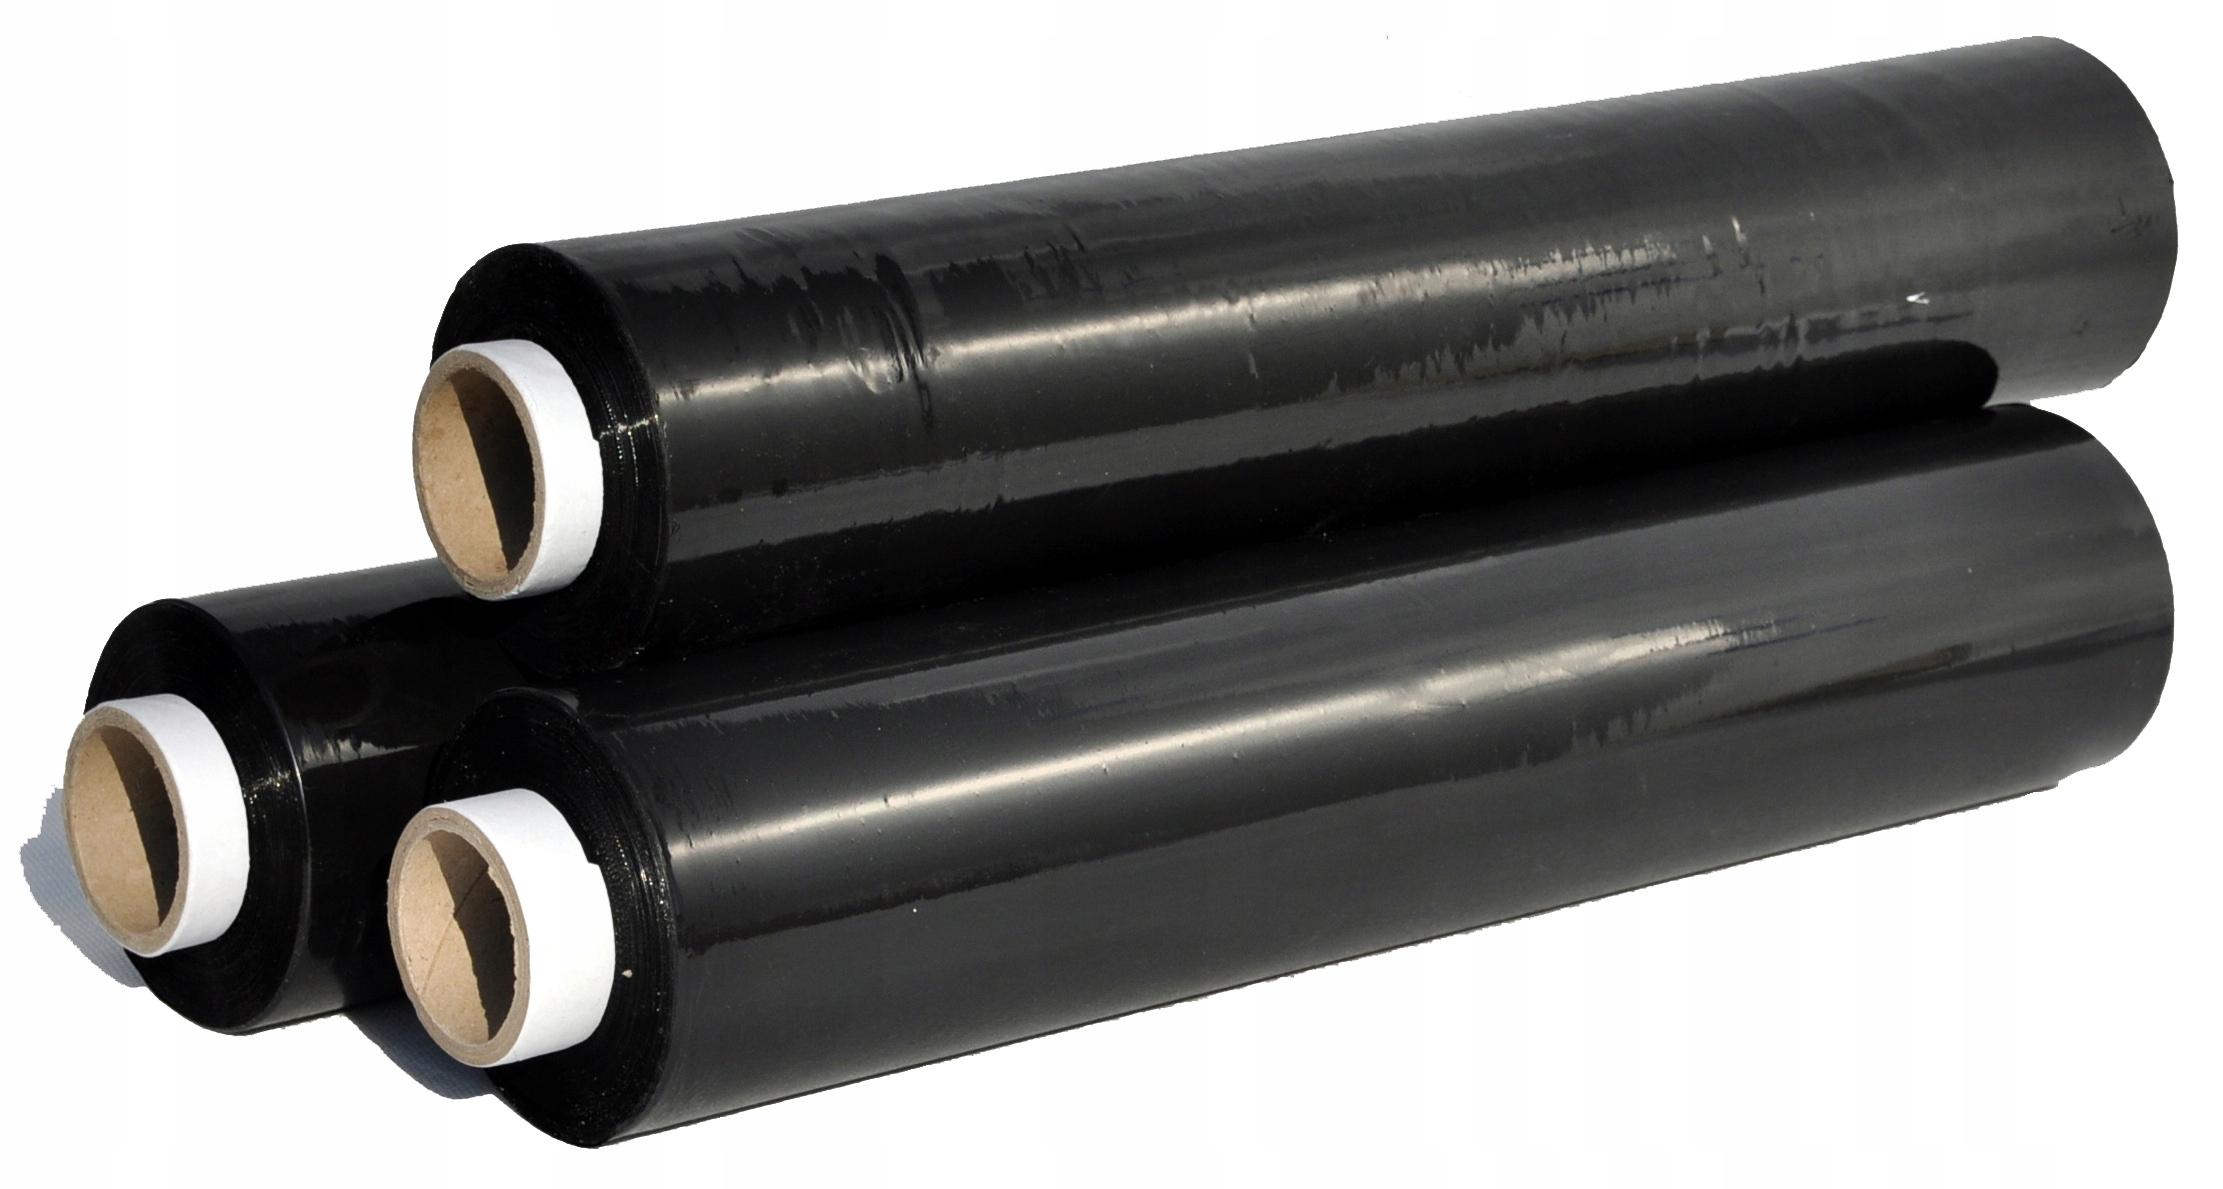 Пленка Стрейч Strecz 23mic 1,5 кг черная